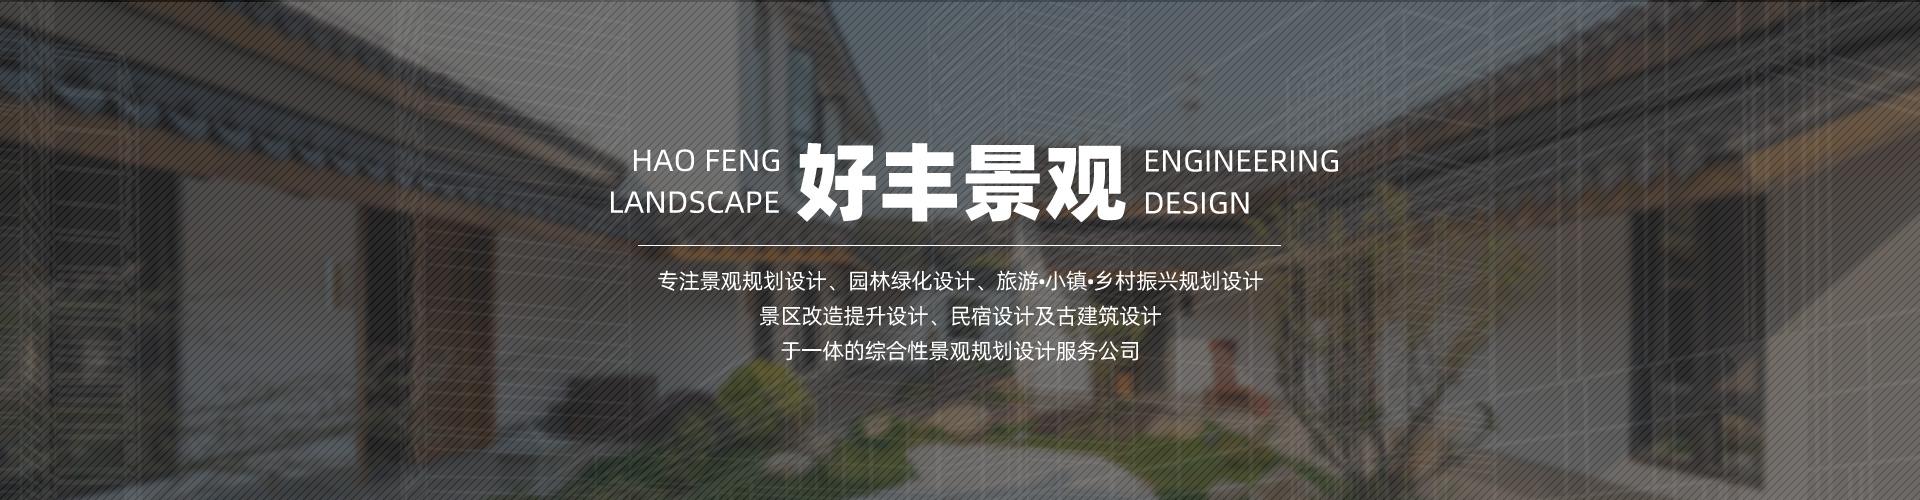 福建省好丰工程设计有限公司